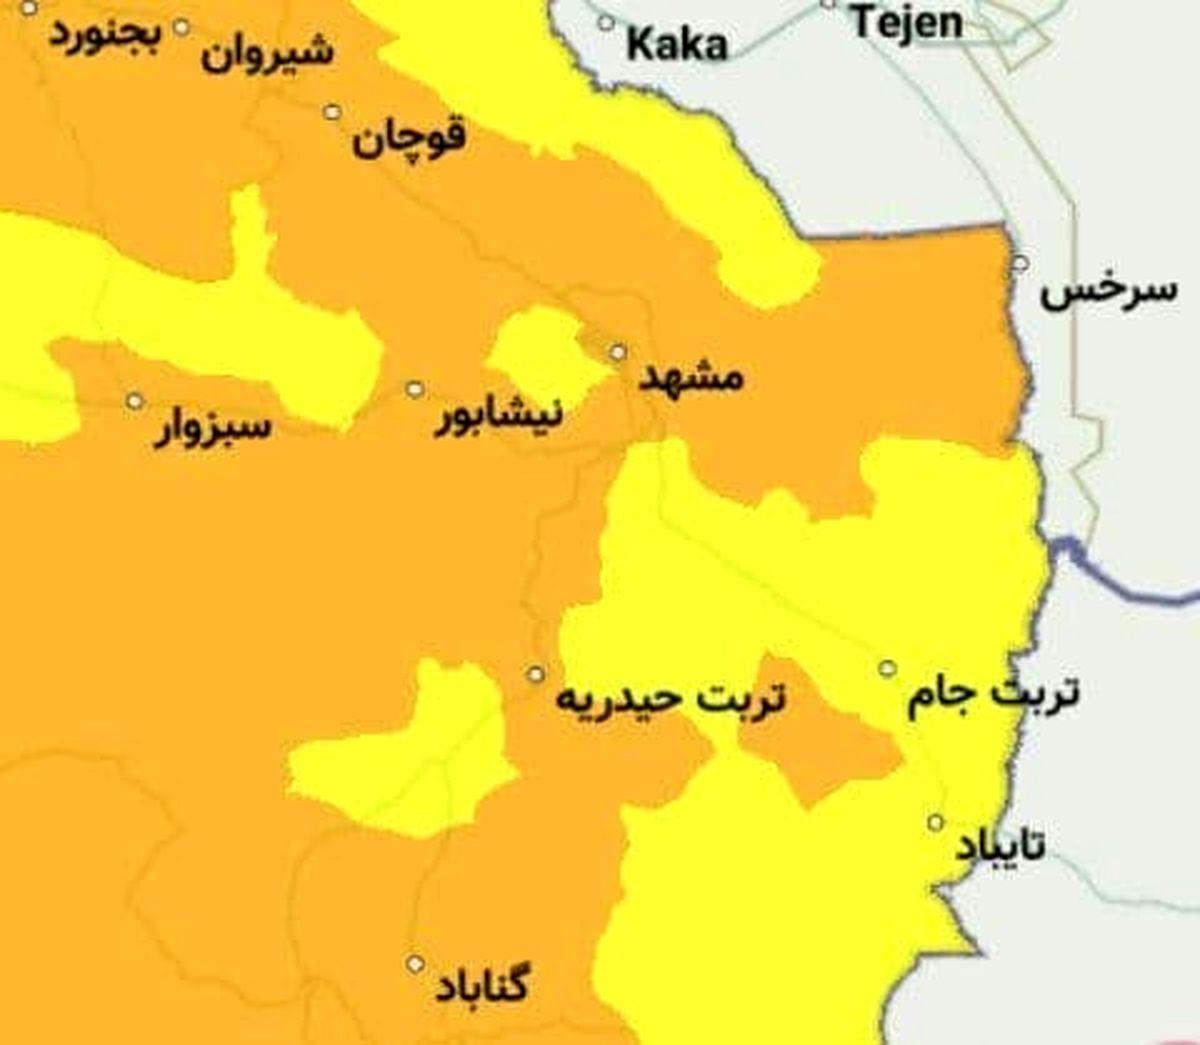 مشهد جزء شهرهای نارنجی قرار گرفت